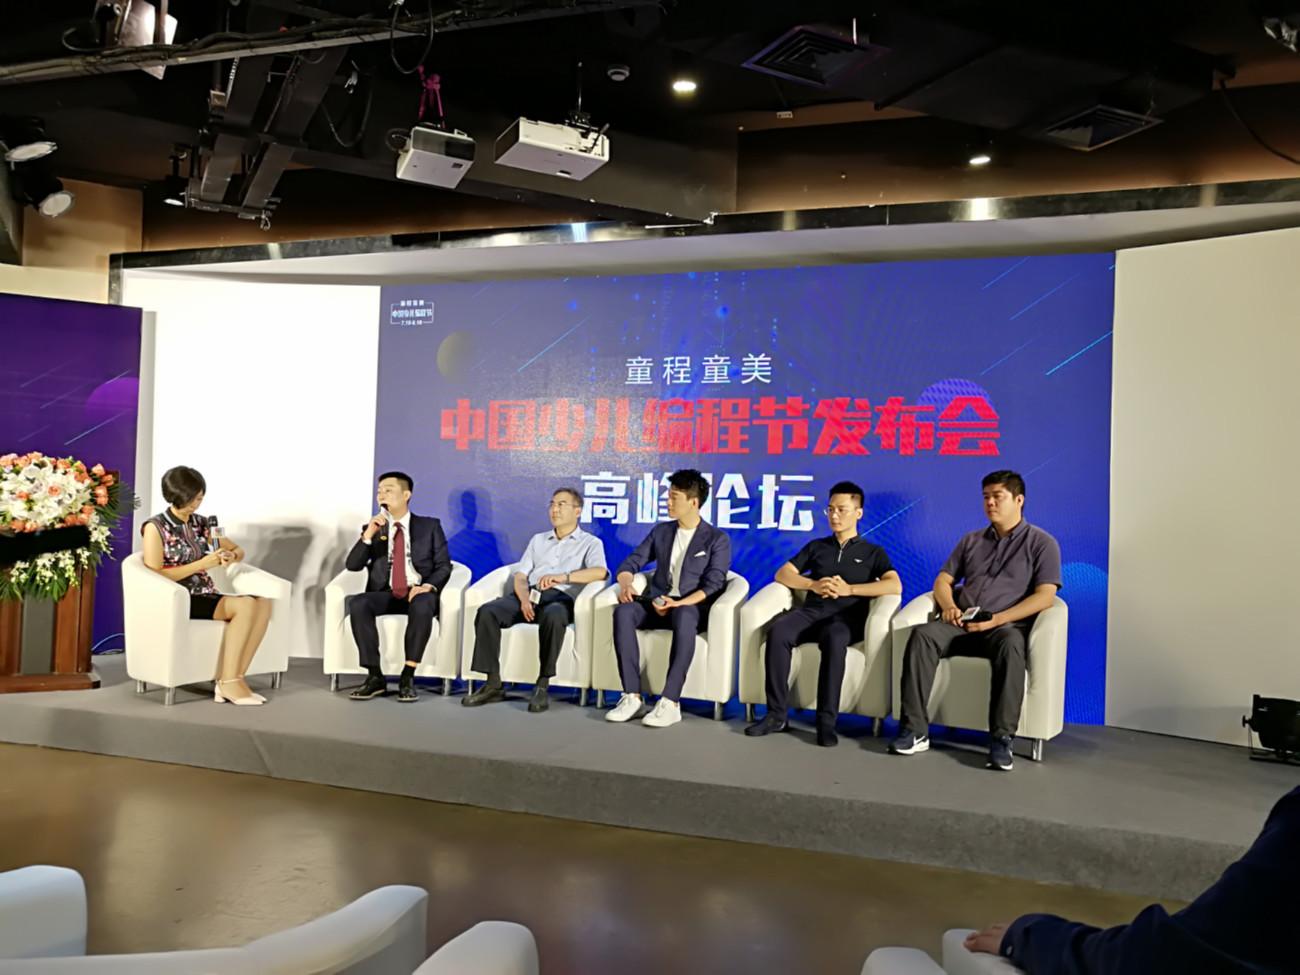 发布在线品牌童程在线,童程童美发起中国少儿编程节活动